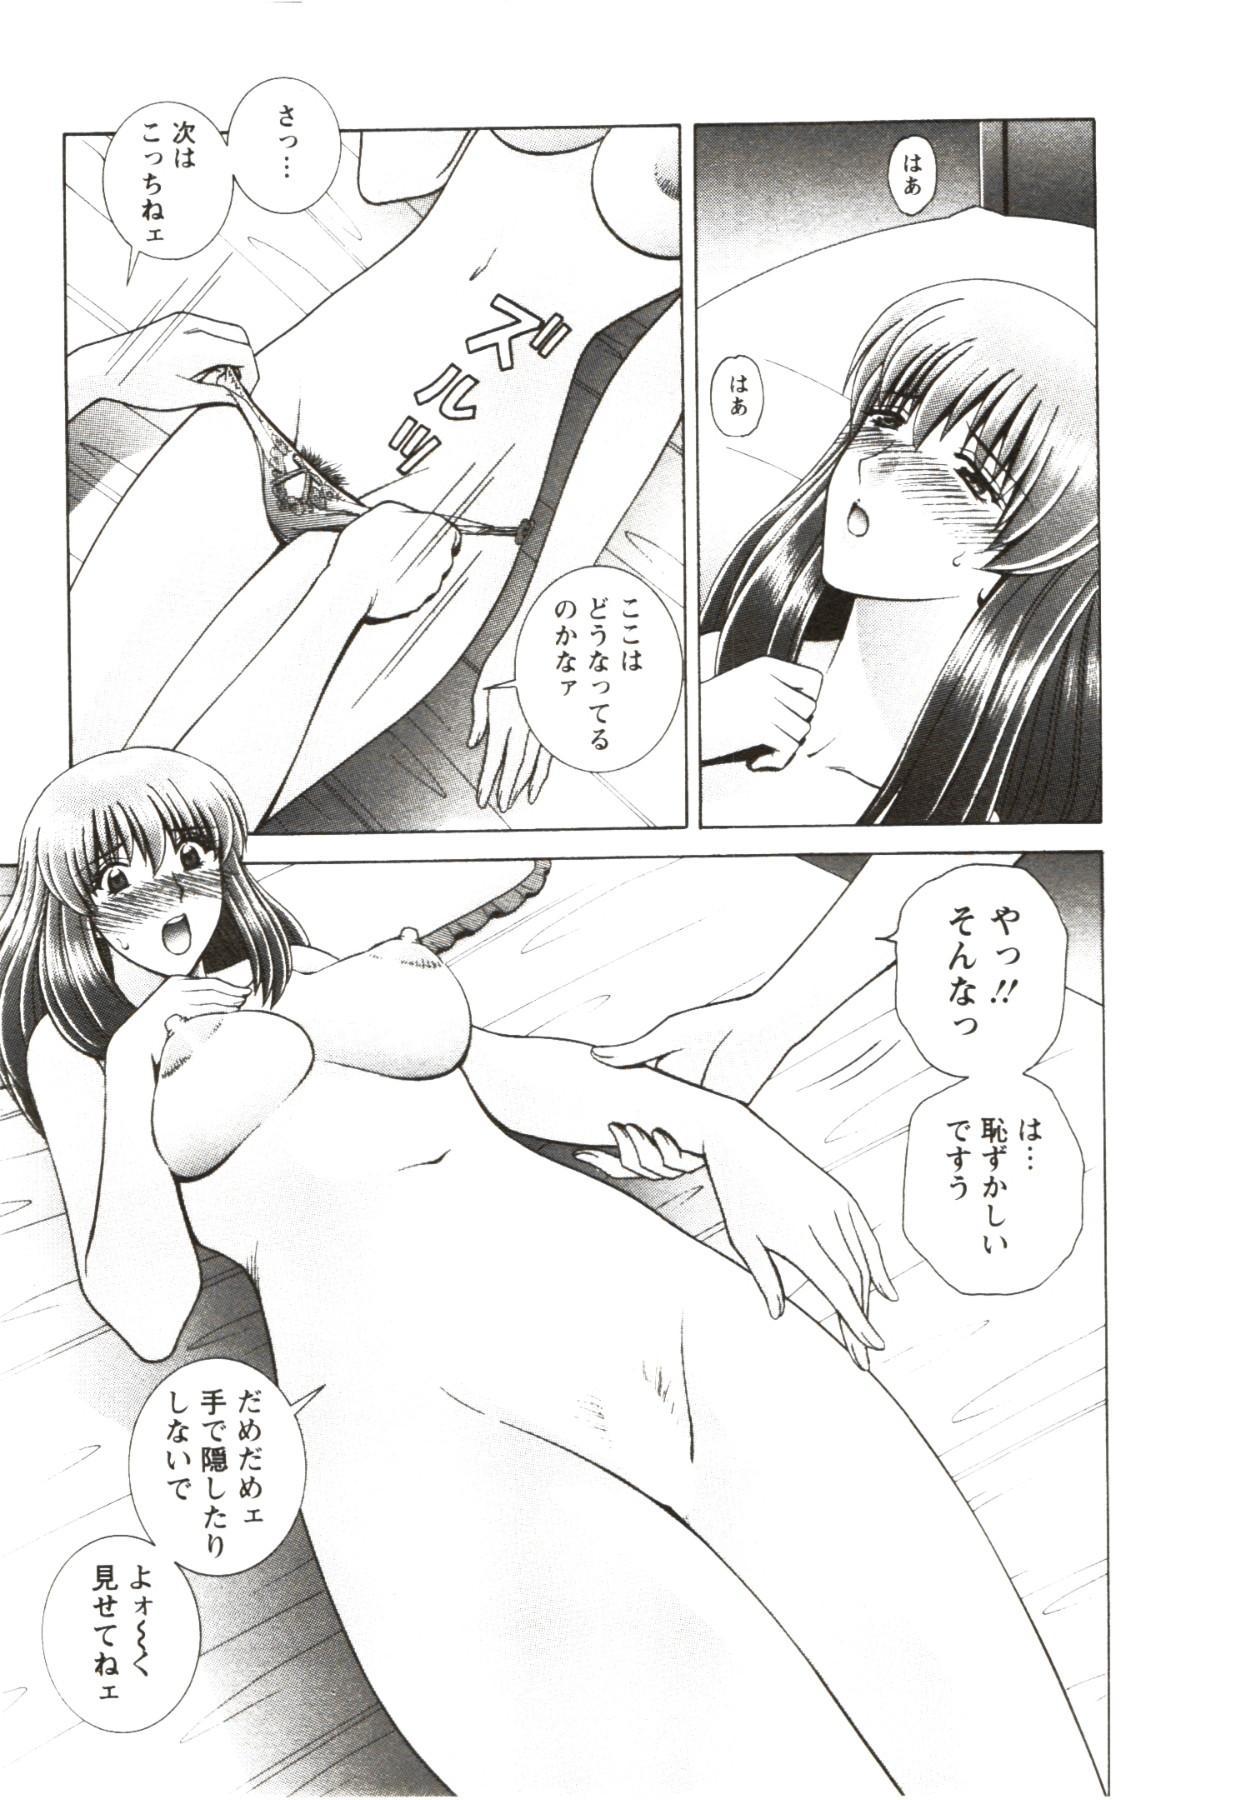 Futarigurashi 86